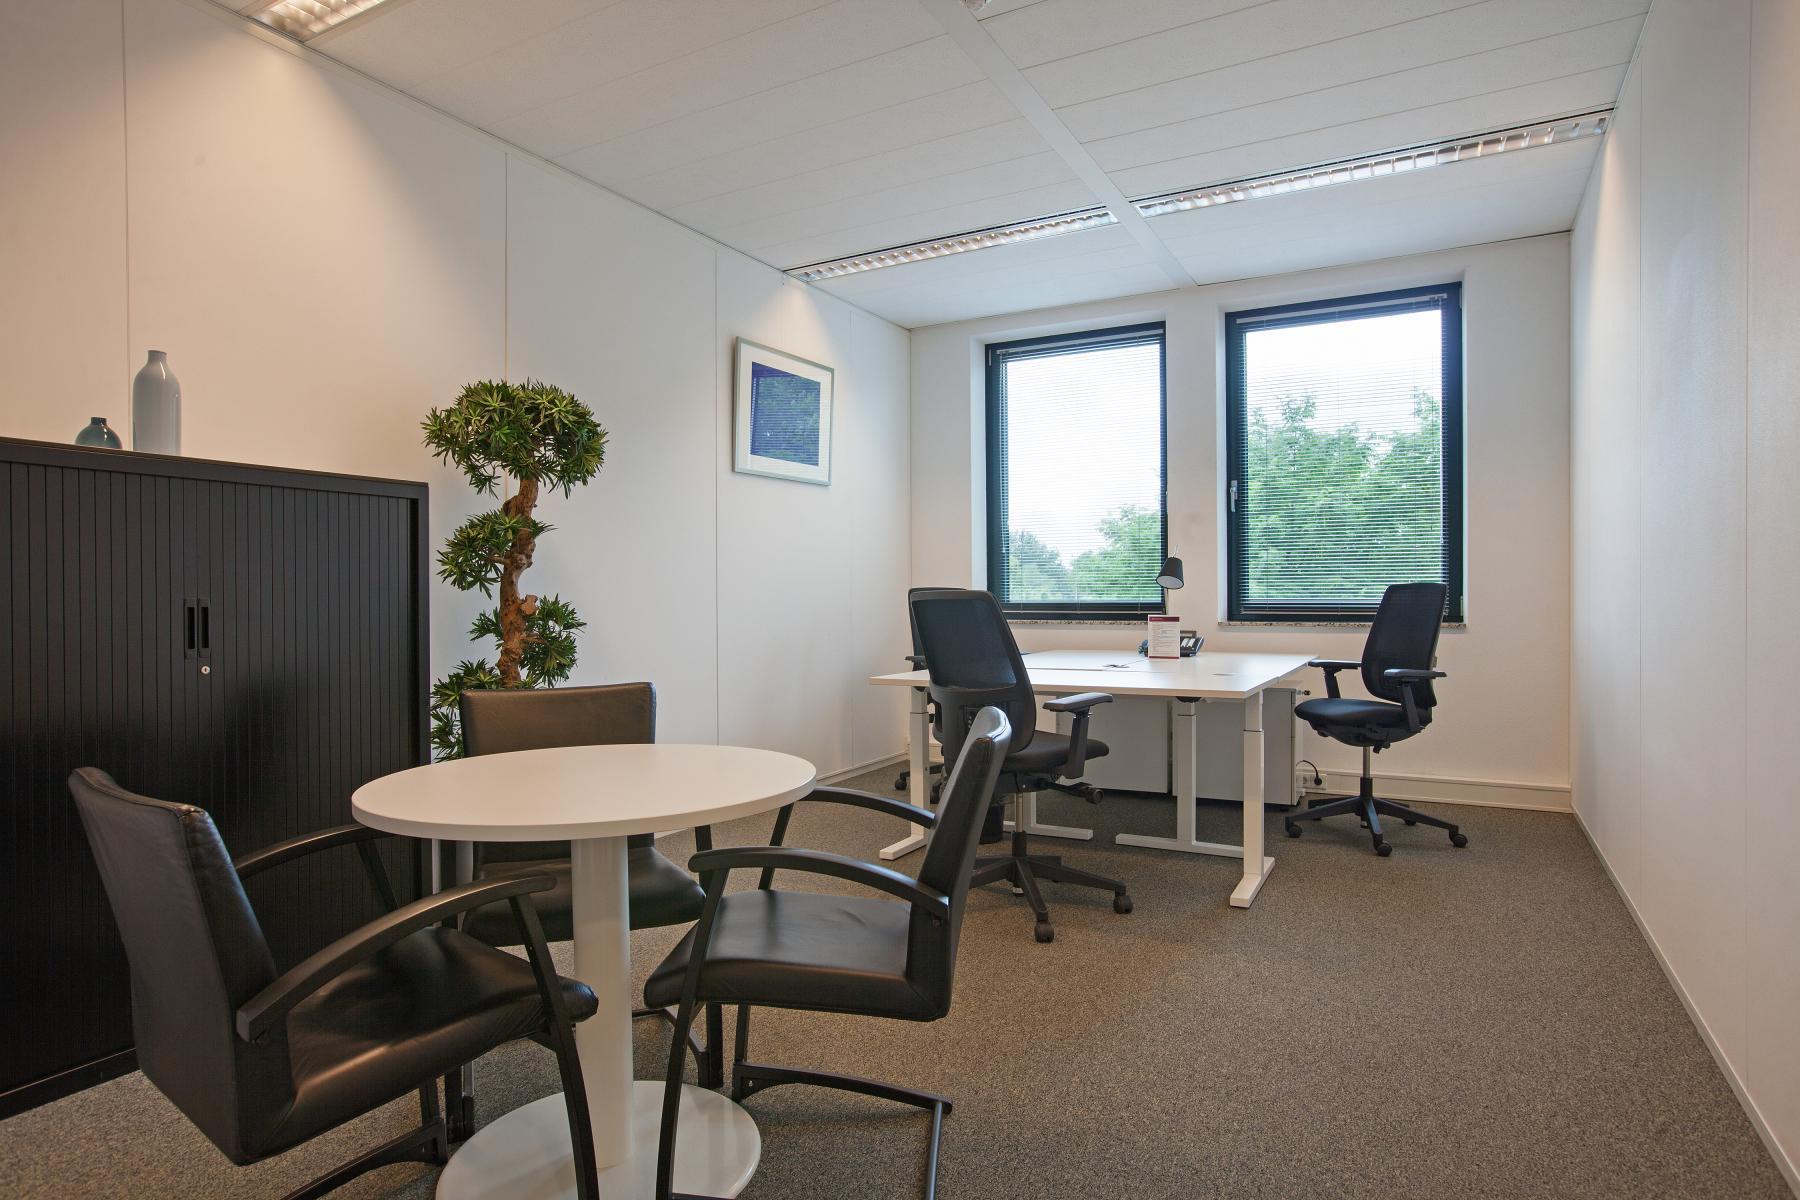 kantoorunit huren Rotterdam Lichtenauerlaan